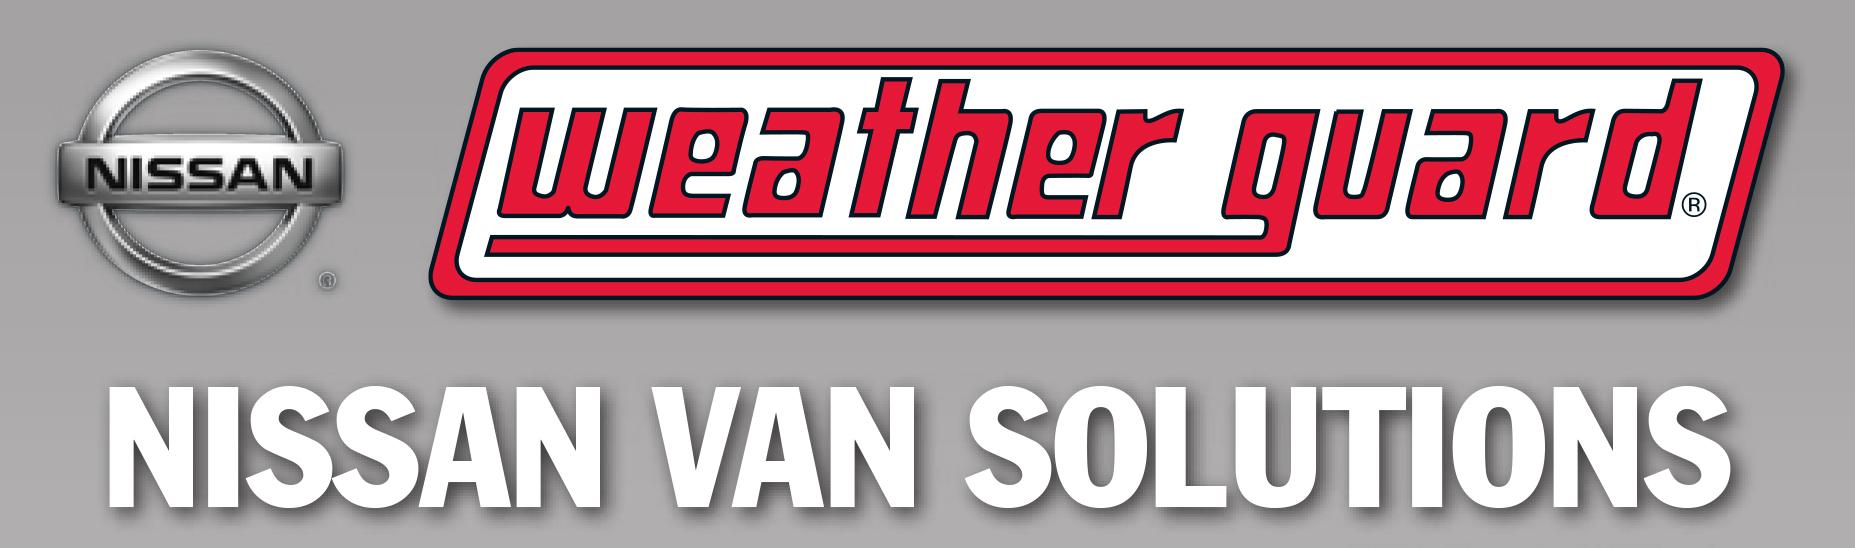 Weatherguard Model 600 8134r Electrical Contractor Van